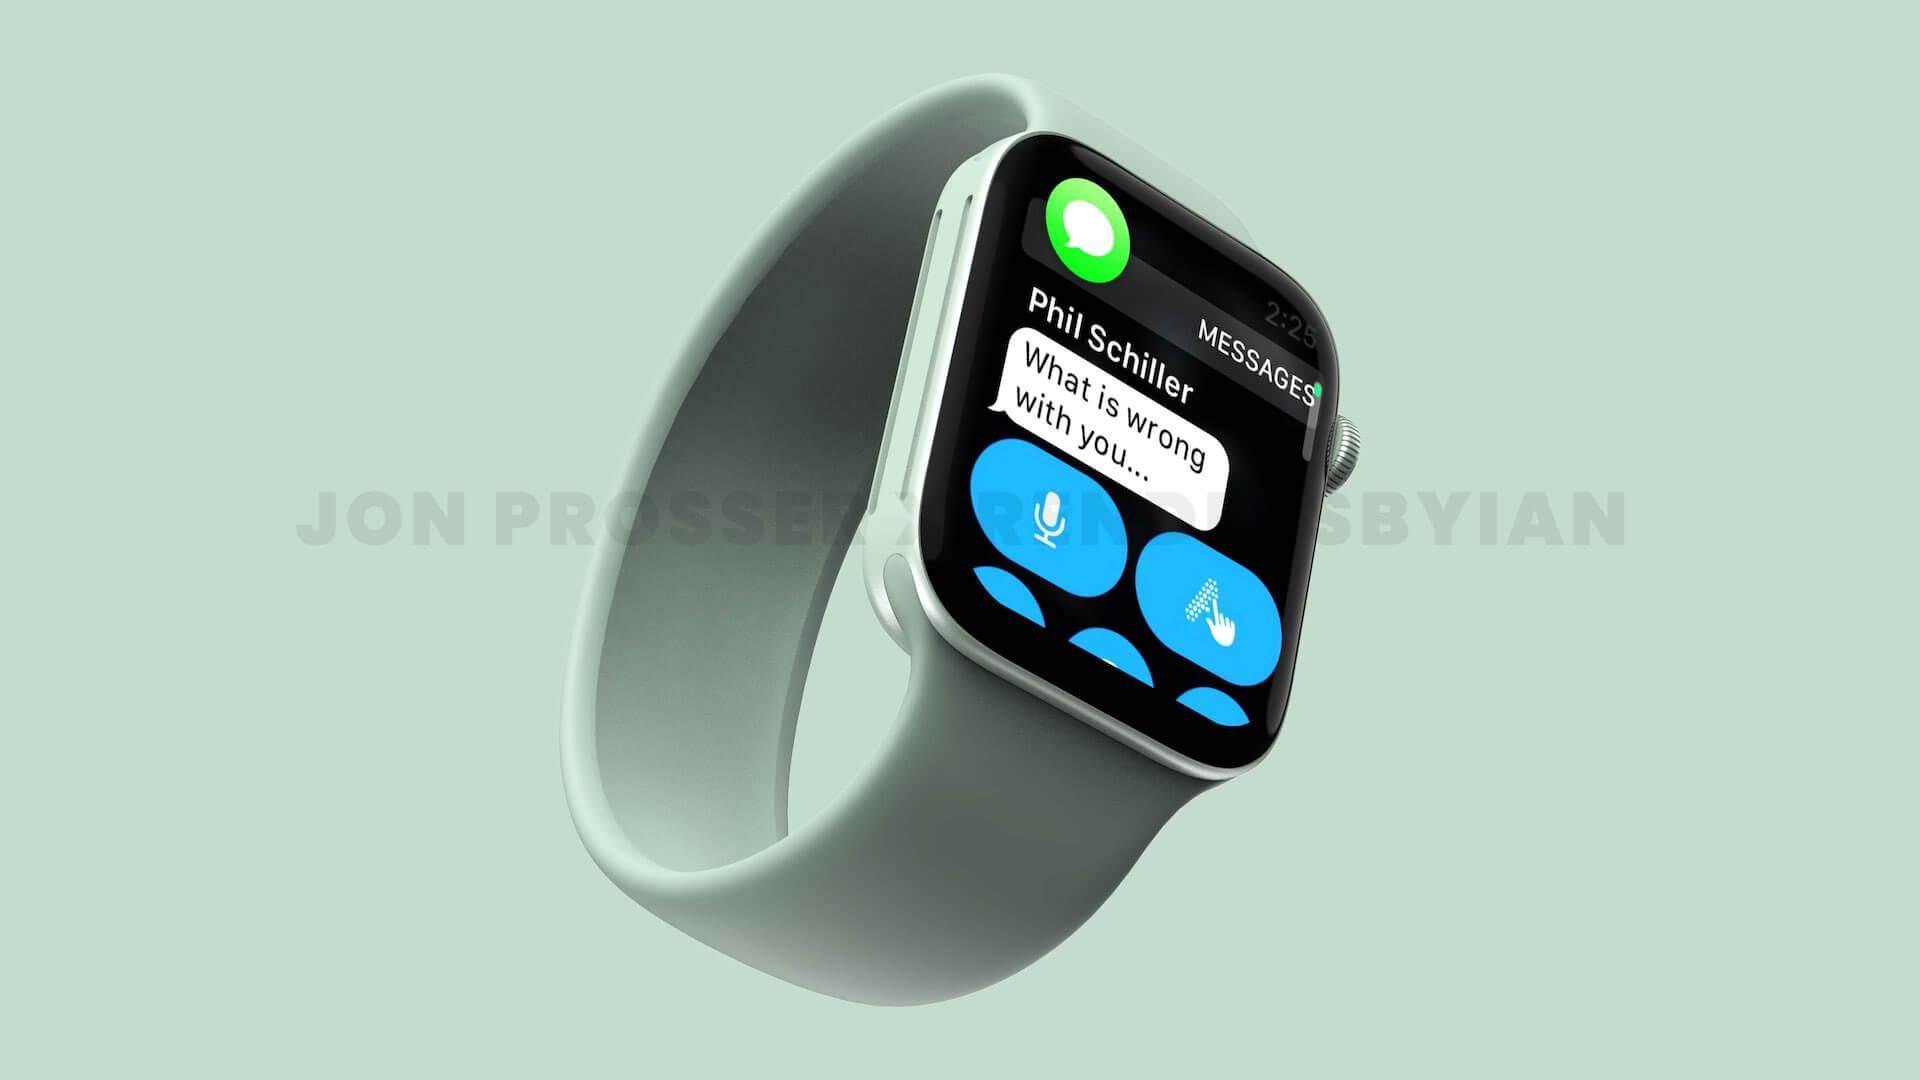 今年登場とうわさのApple Watch Series 7はスクリーンがより大きくなる?血糖値測定機能は数年先に持ち越しか tech210615_applewatch7_main